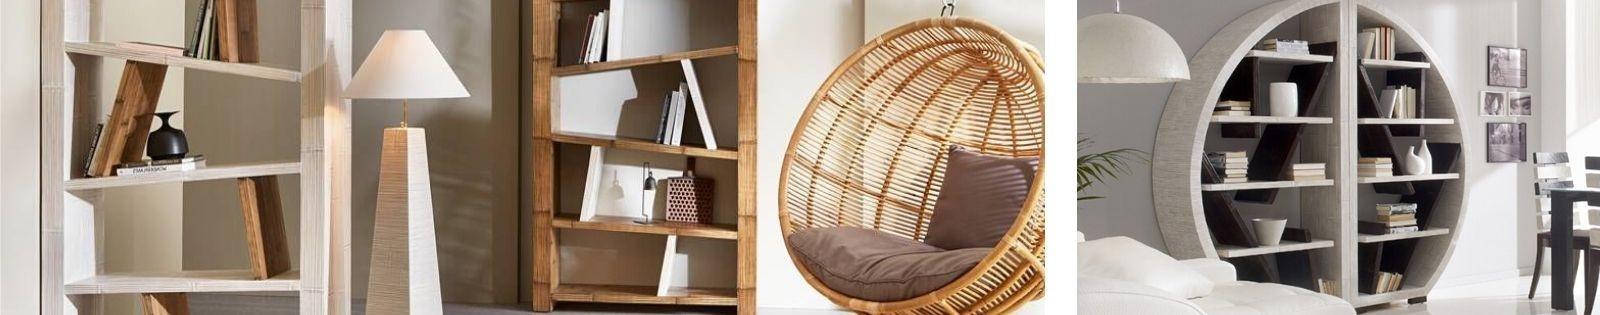 Bibliothèque et étagère en bambou Haut de Gamme, en provenance d'Indonésie - Lotuséa